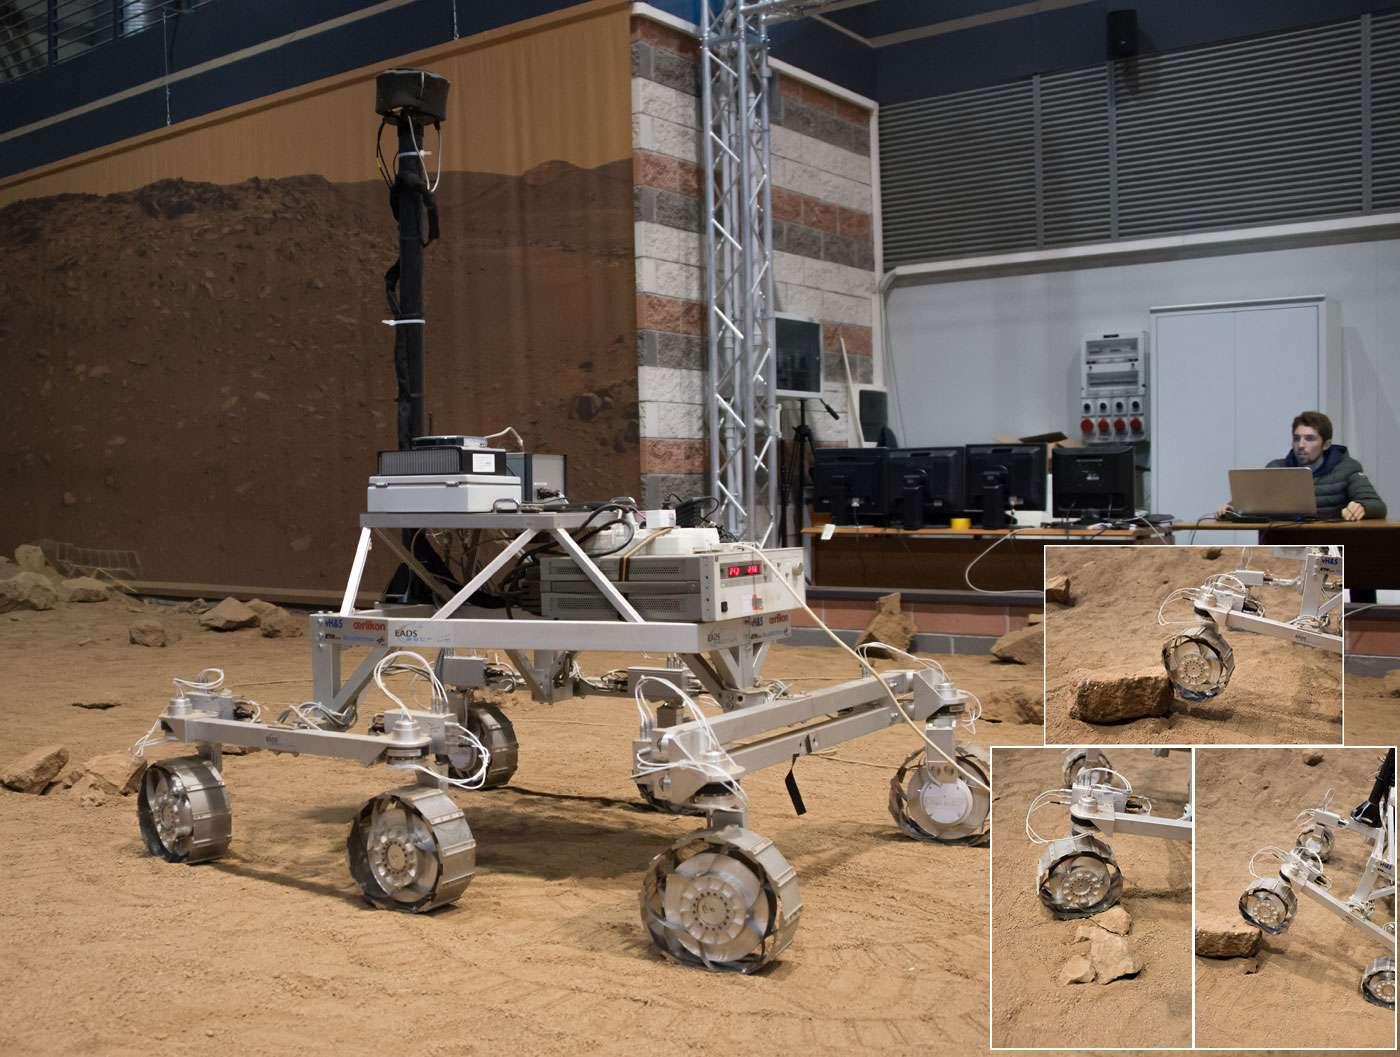 Essais de franchissement et de bonne tenue des roues du rover d'ExoMars 2018. Le robot utilisé ici n'est bien sûr pas celui qui s'envolera vers Mars. Néanmoins, il utilise le système de locomotion d'ExoMars 2018 et est représentatif du vrai rover pour les performances attendues sur Mars, la taille, la masse et le centre de gravité. © Rémy Decourt